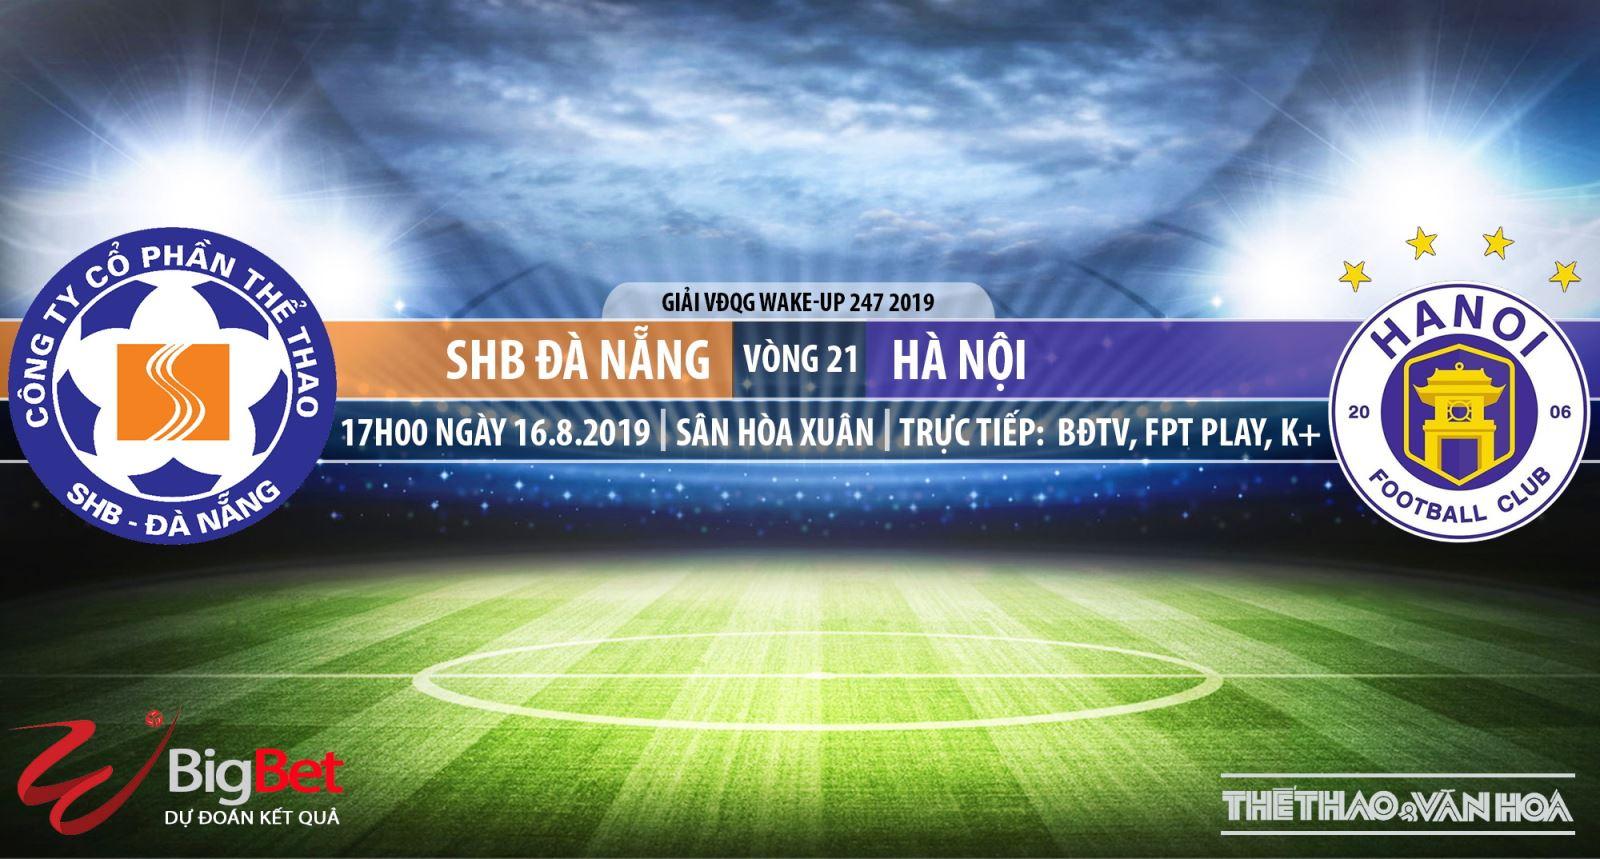 truc tiep bong da hôm nay, Đà Nẵng đấu với Hà Nội T&T, trực tiếp bóng đá, Đà Nẵng vs Hà Nội, V League, xem trực tuyến, bóng đá TV, Hà Nội FC, VTV6, BĐTV, FPT Play, TTTV